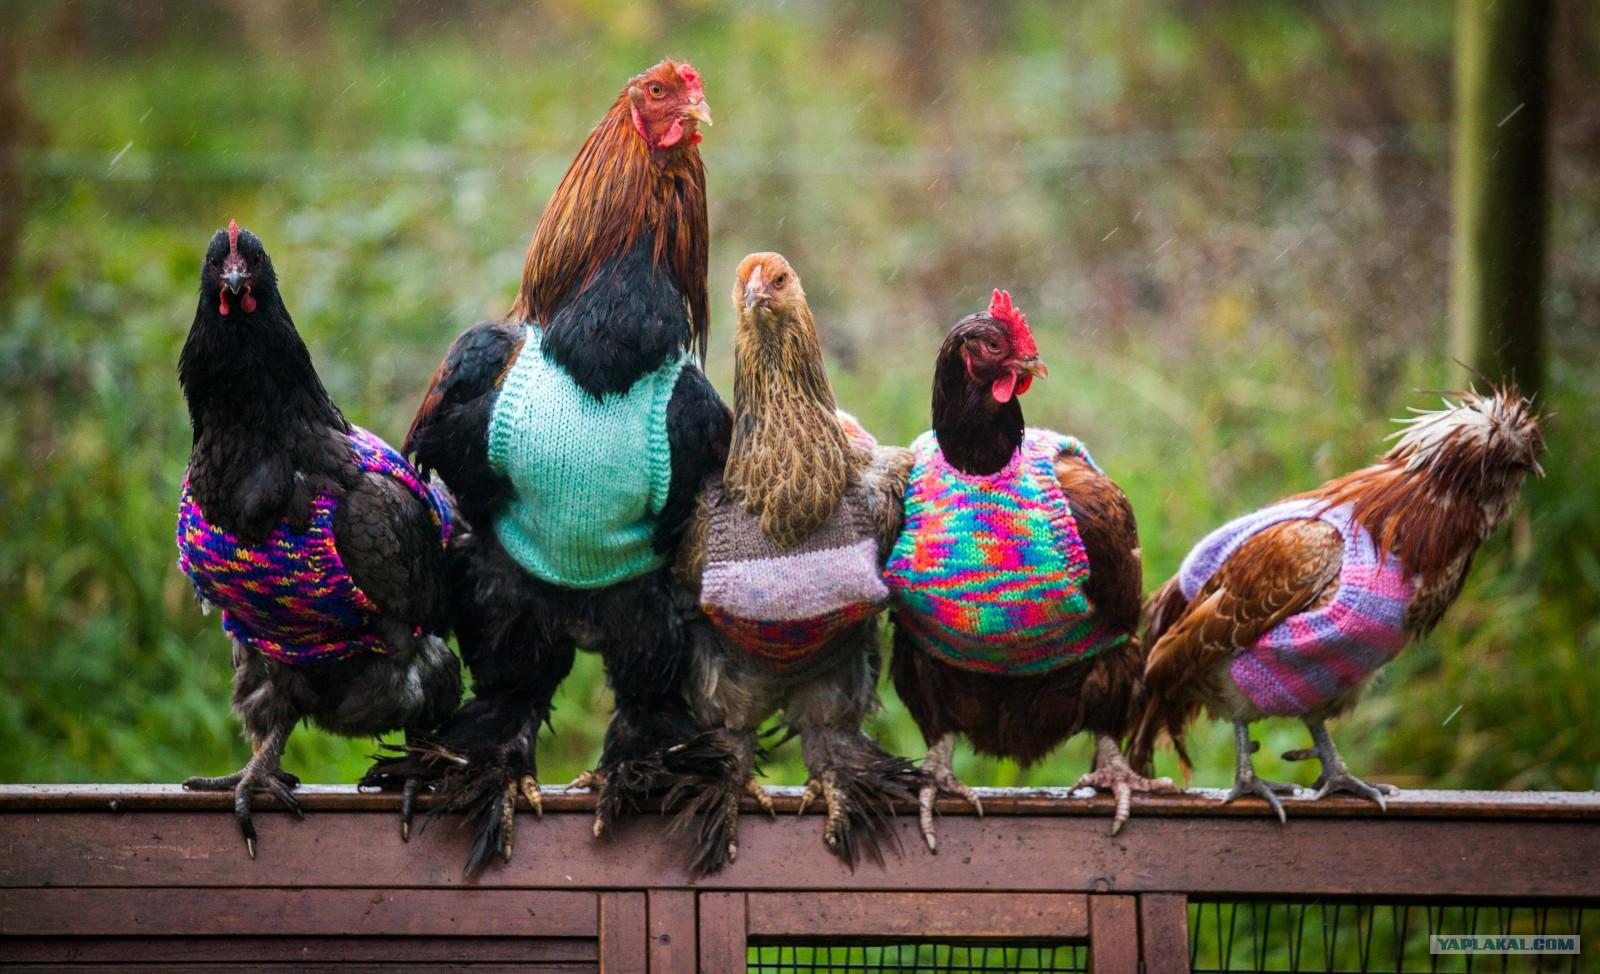 Музыкальными поздравлениями, картинки с курицами прикольные